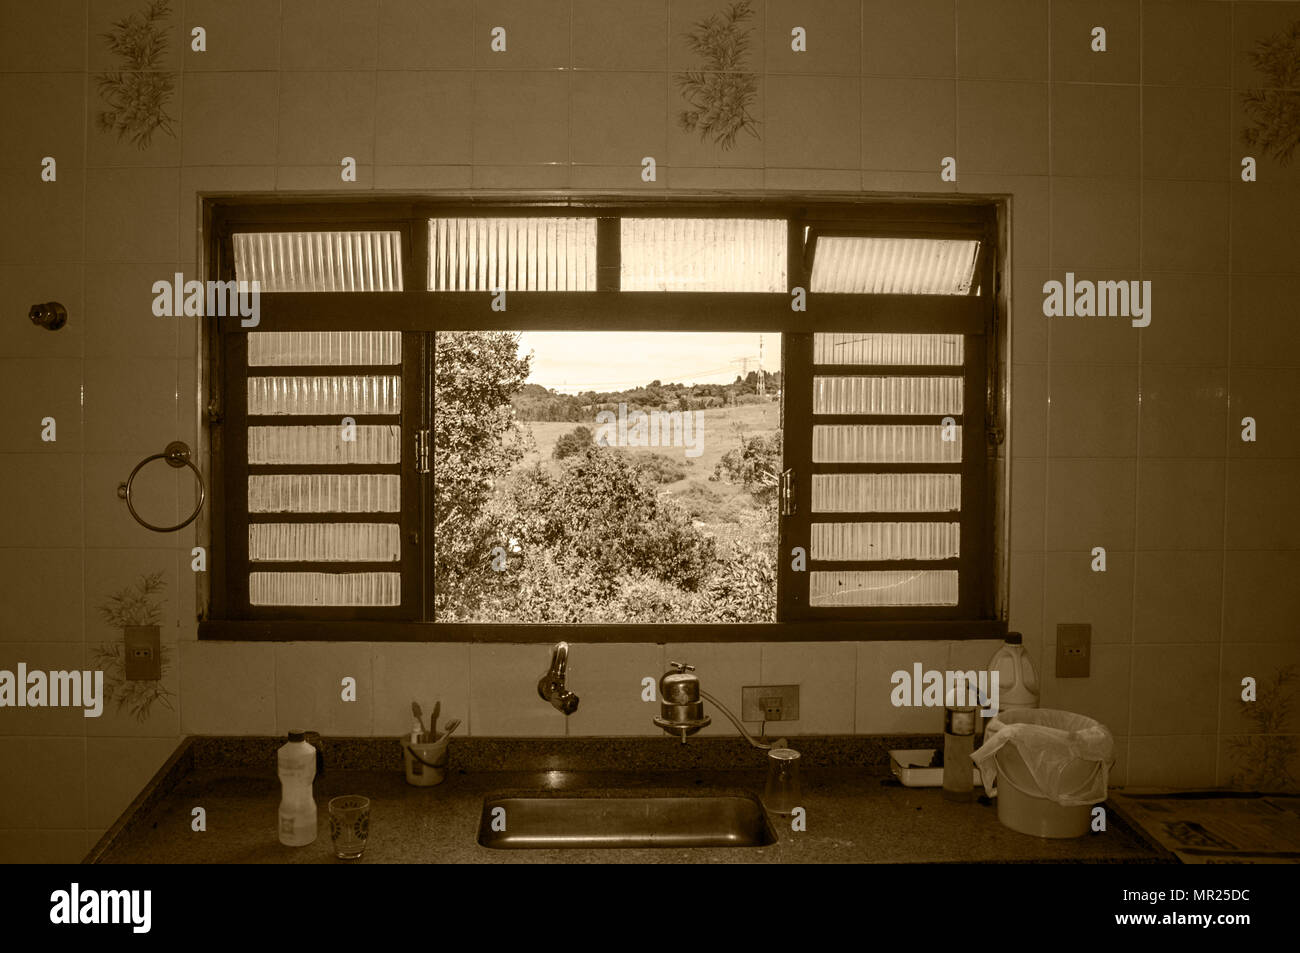 Öffnen Sie den Windows Fliesen wand Küche im Freien, sonnigen Tag ...